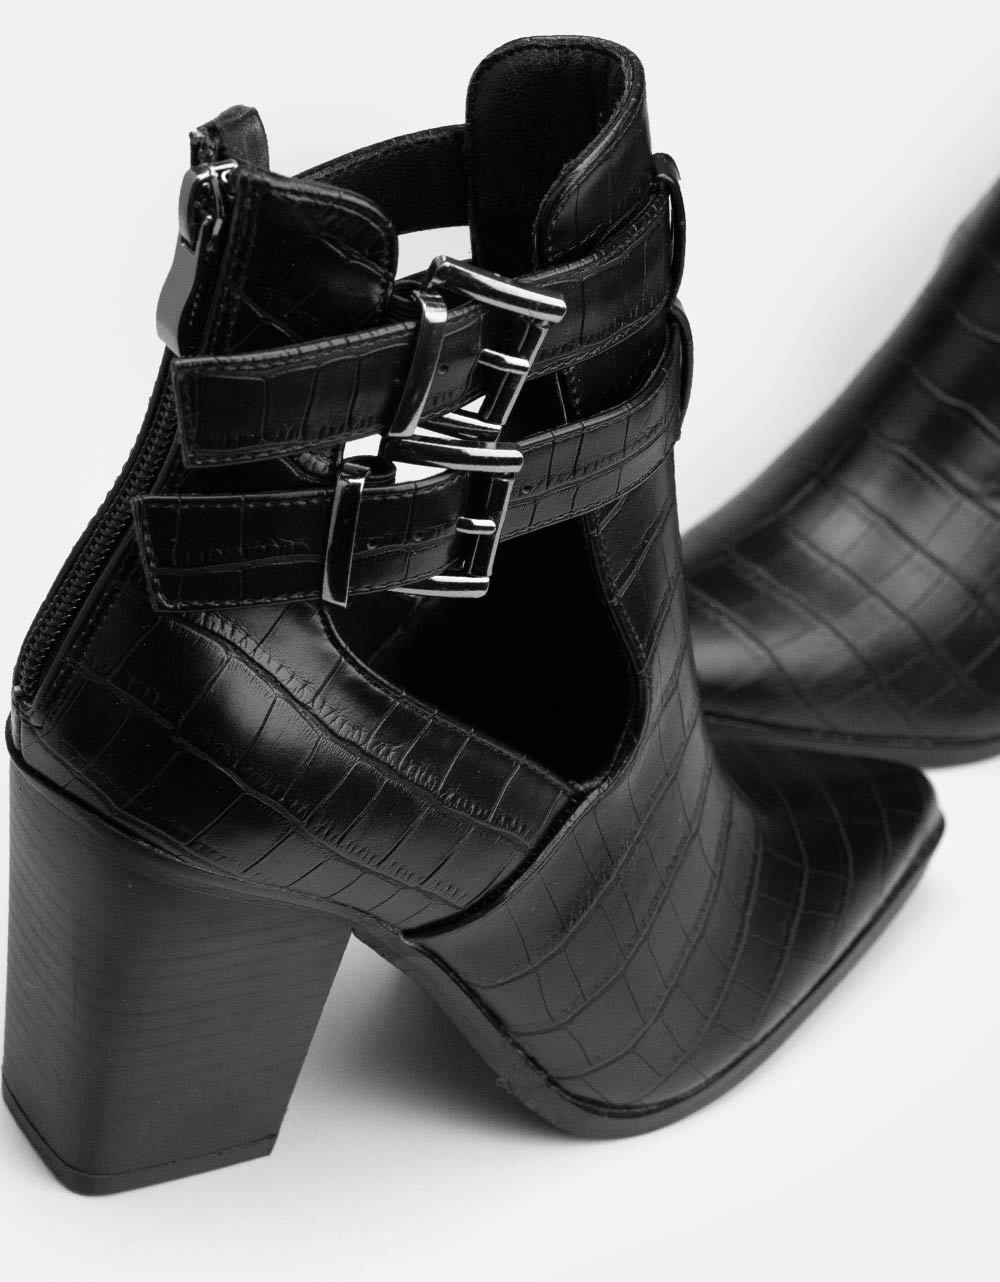 Εικόνα από Γυναικεία μποτάκια με διακοσμητικά λουράκια στο πλαϊνό μέρος Μαύρο